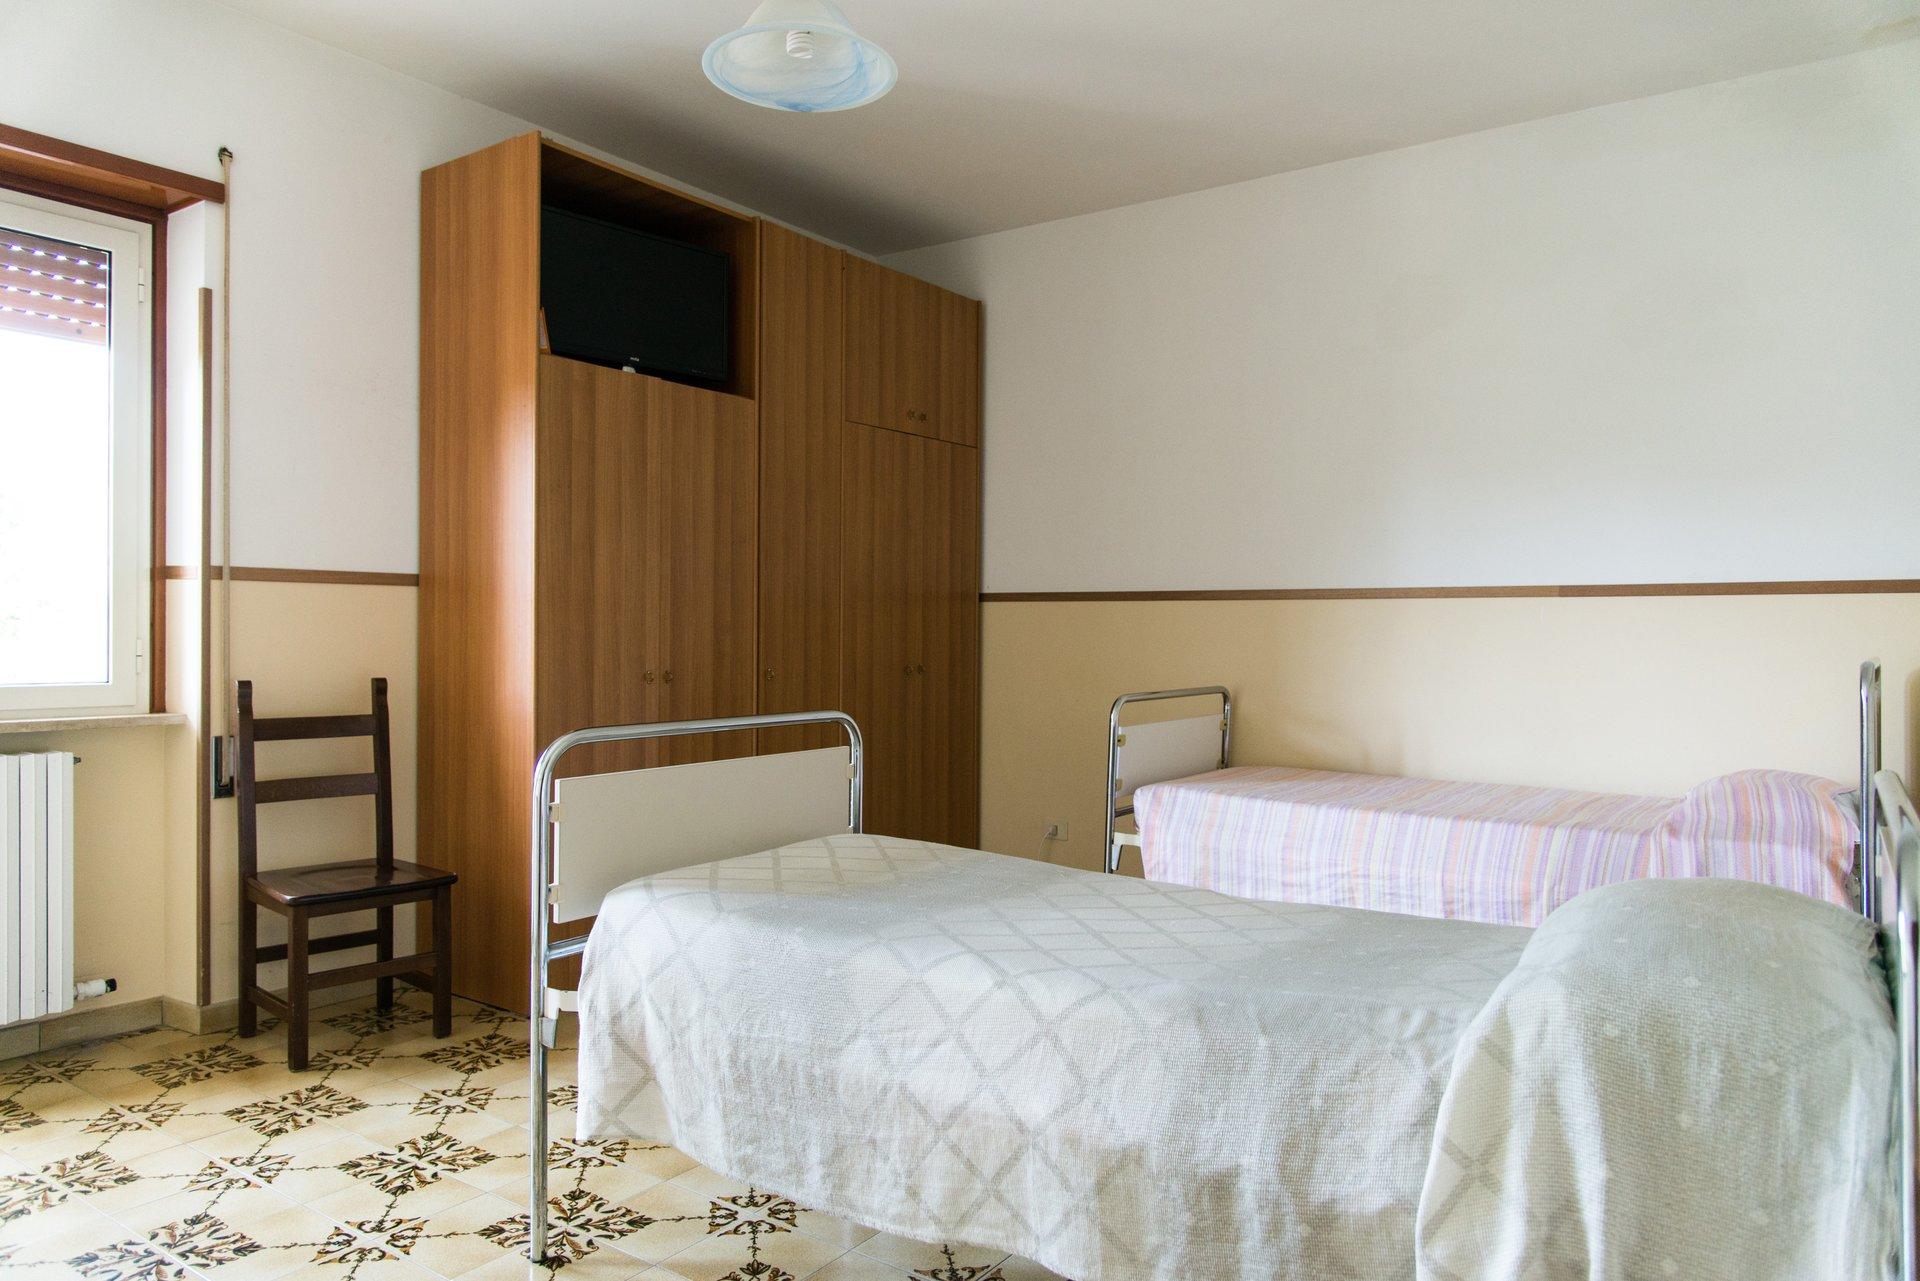 armadio e due letti